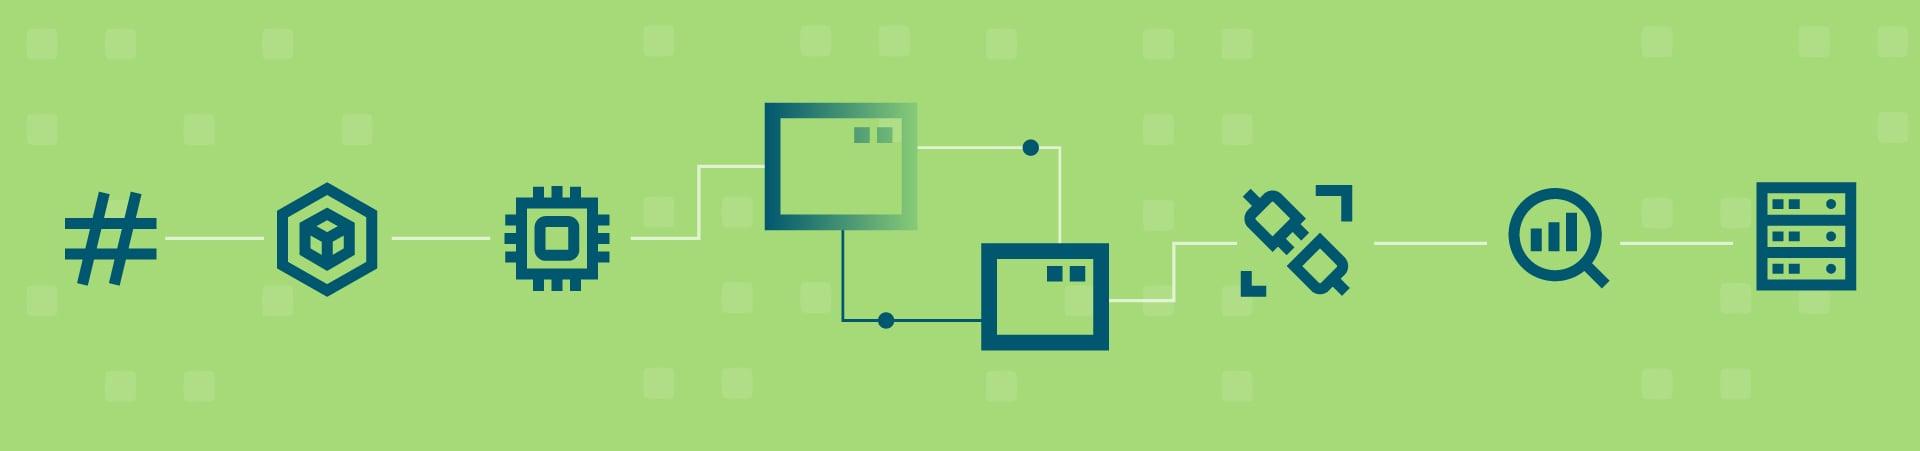 api-server-data-wide